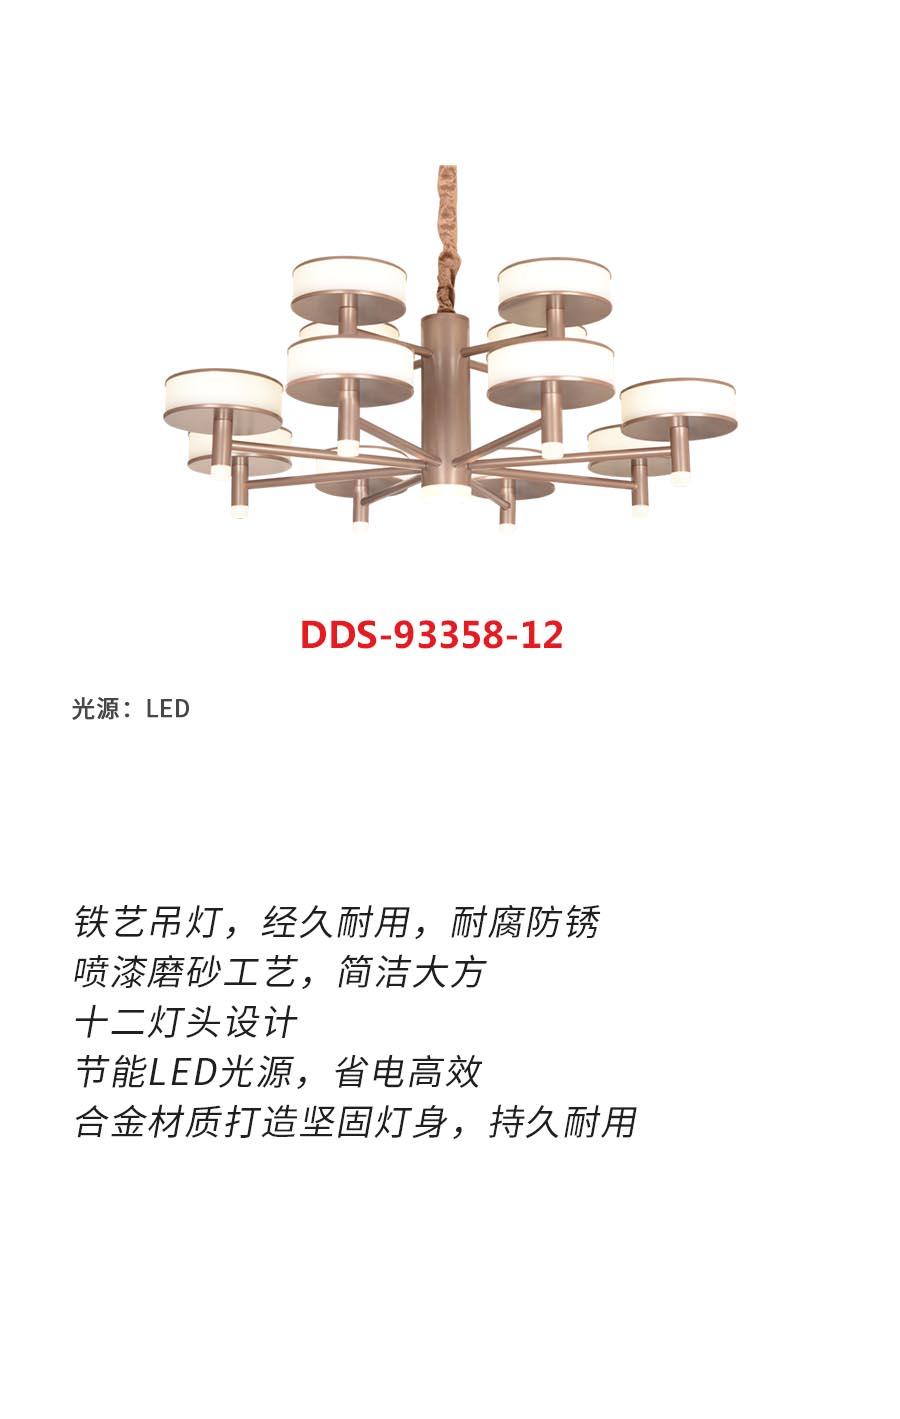 DDS-93358-12b.jpg